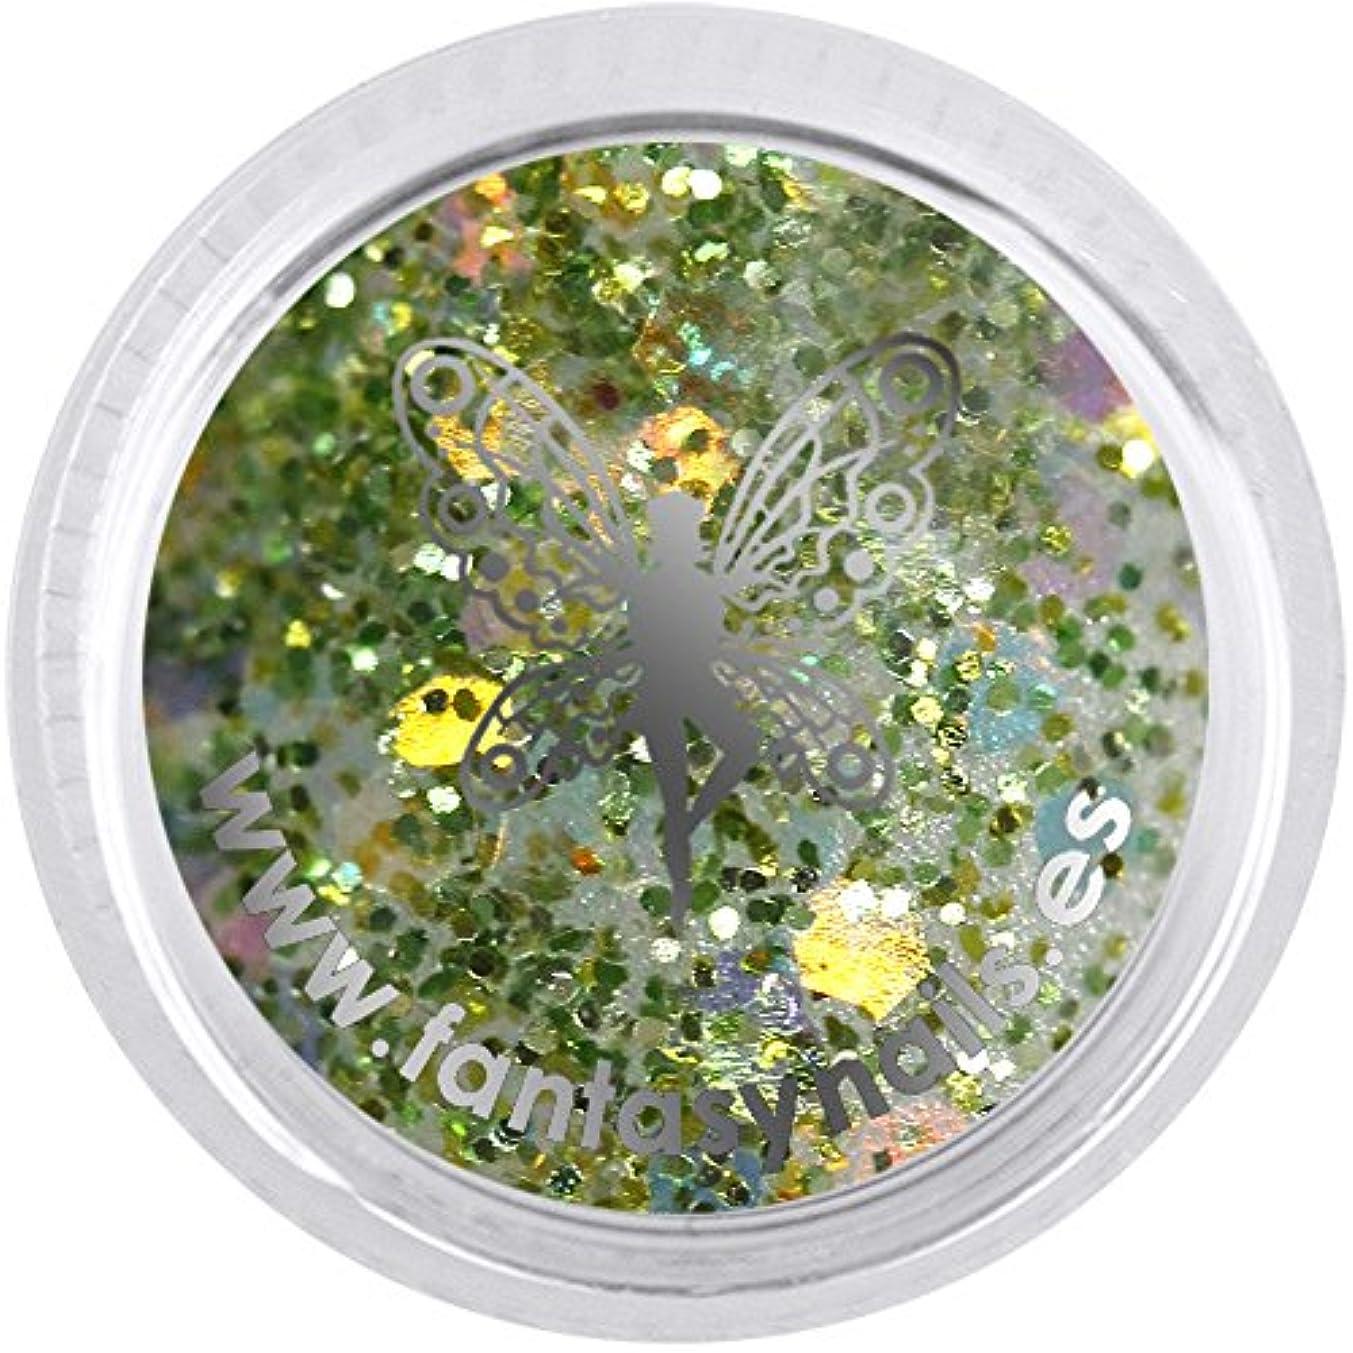 ダイエット火山のデッドロックFANTASY NAIL トウキョウコレクション 3g 4226XS カラーパウダー アート材